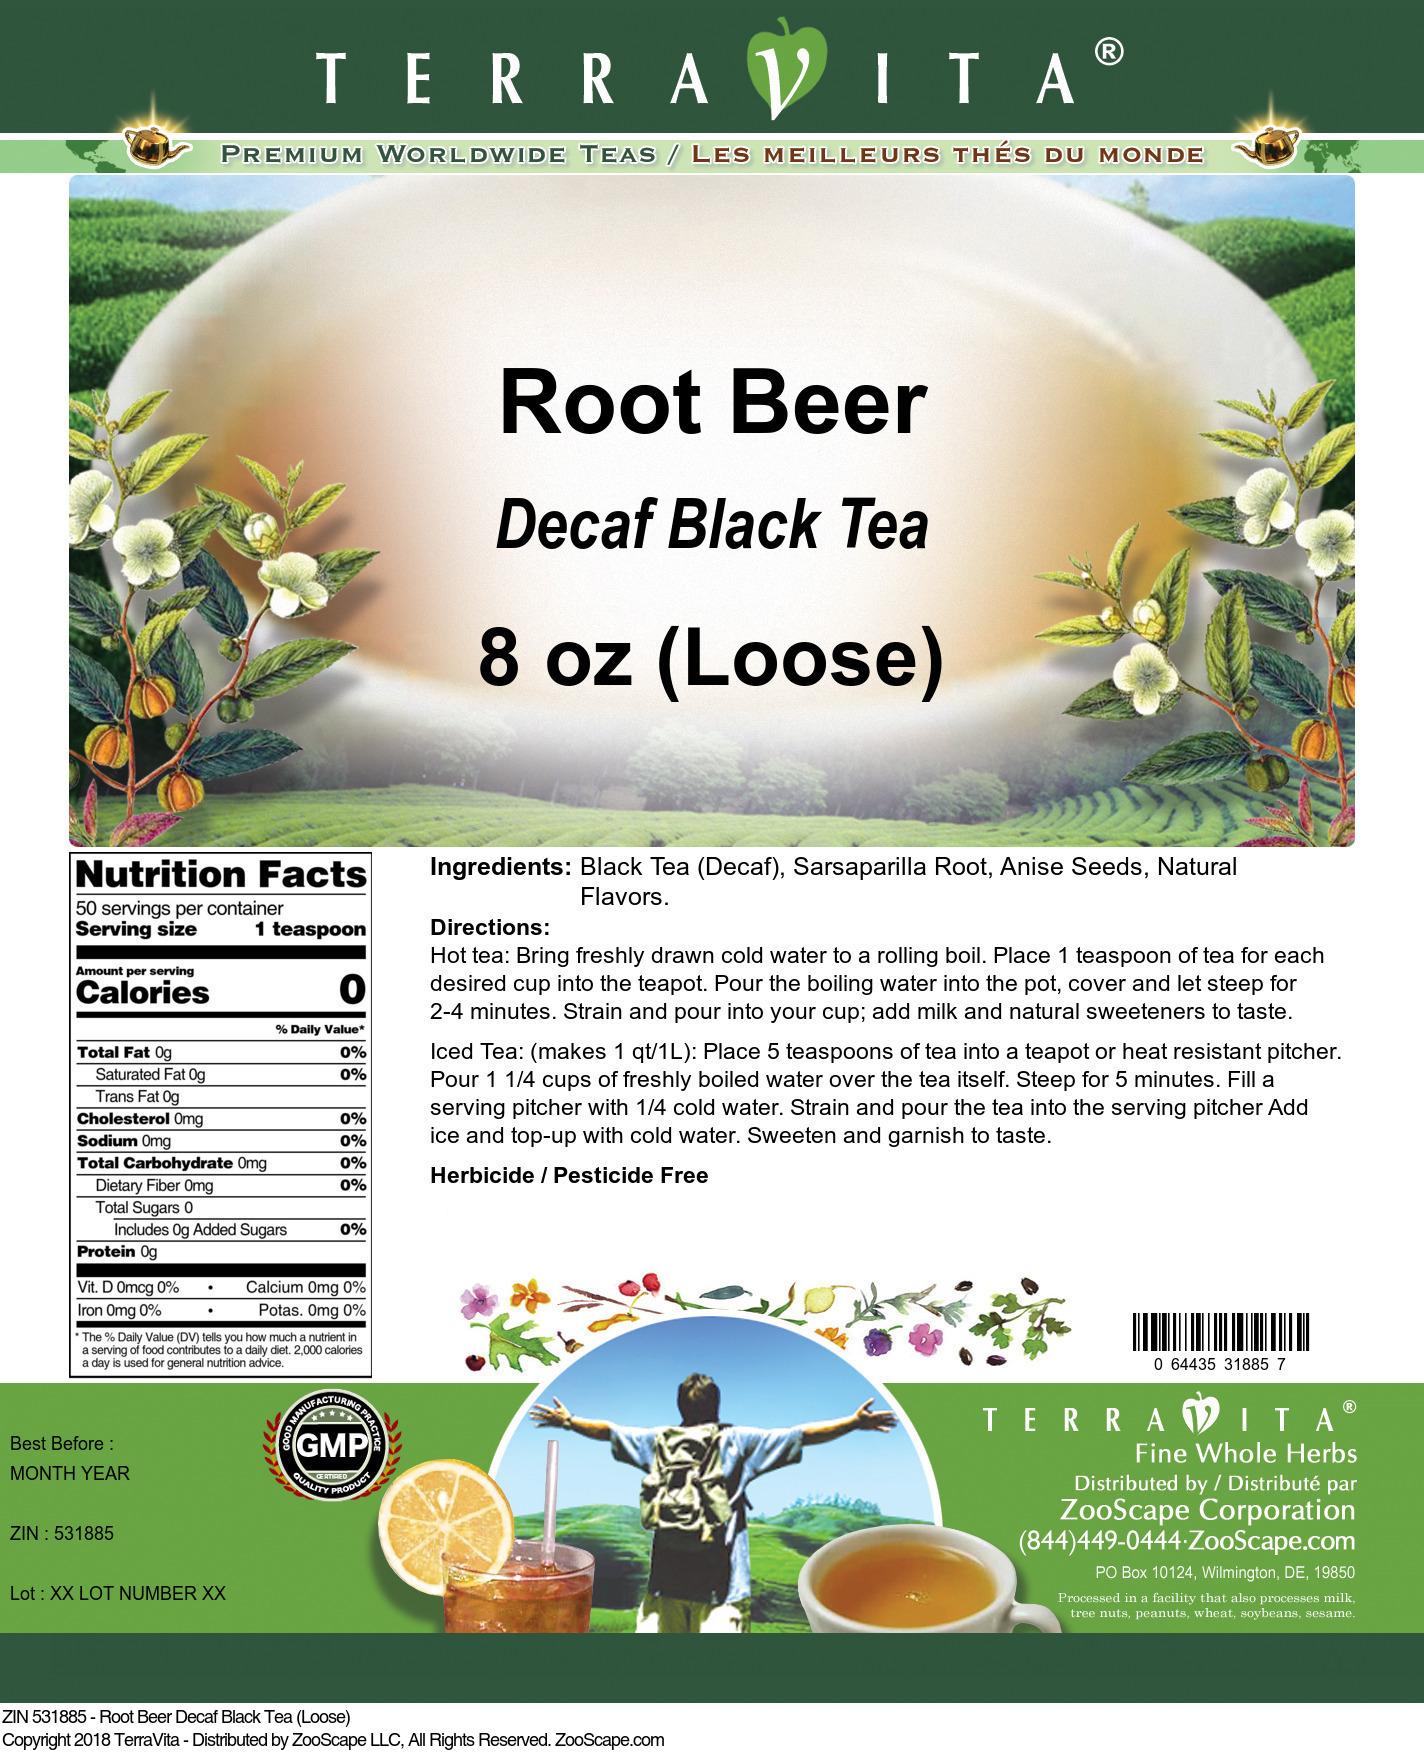 Root Beer Decaf Black Tea